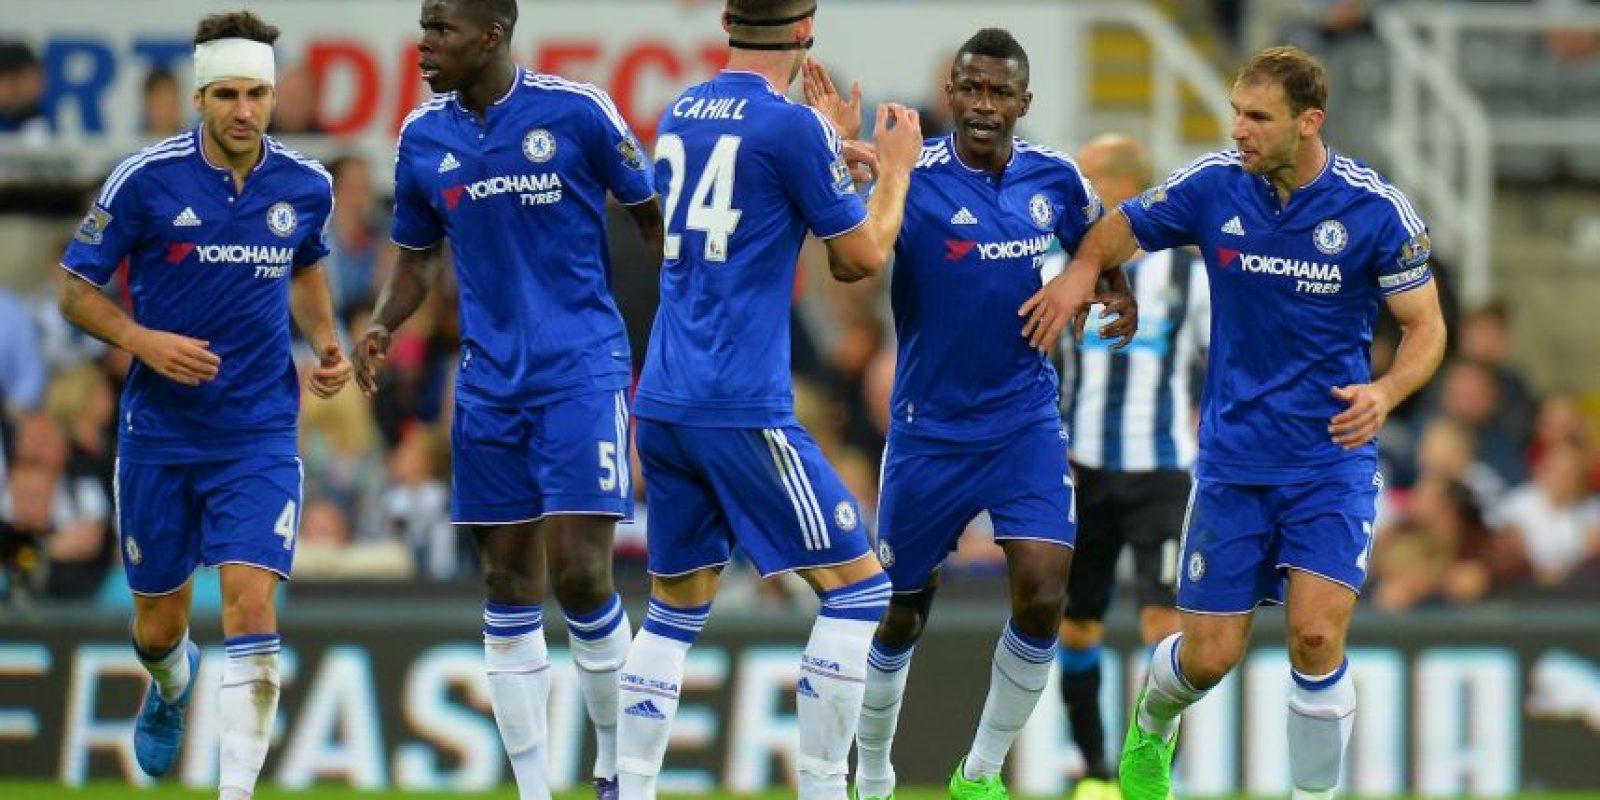 En 7 jornadas suman dos victorias, dos empates y tres derrotas. Foto:Getty Images